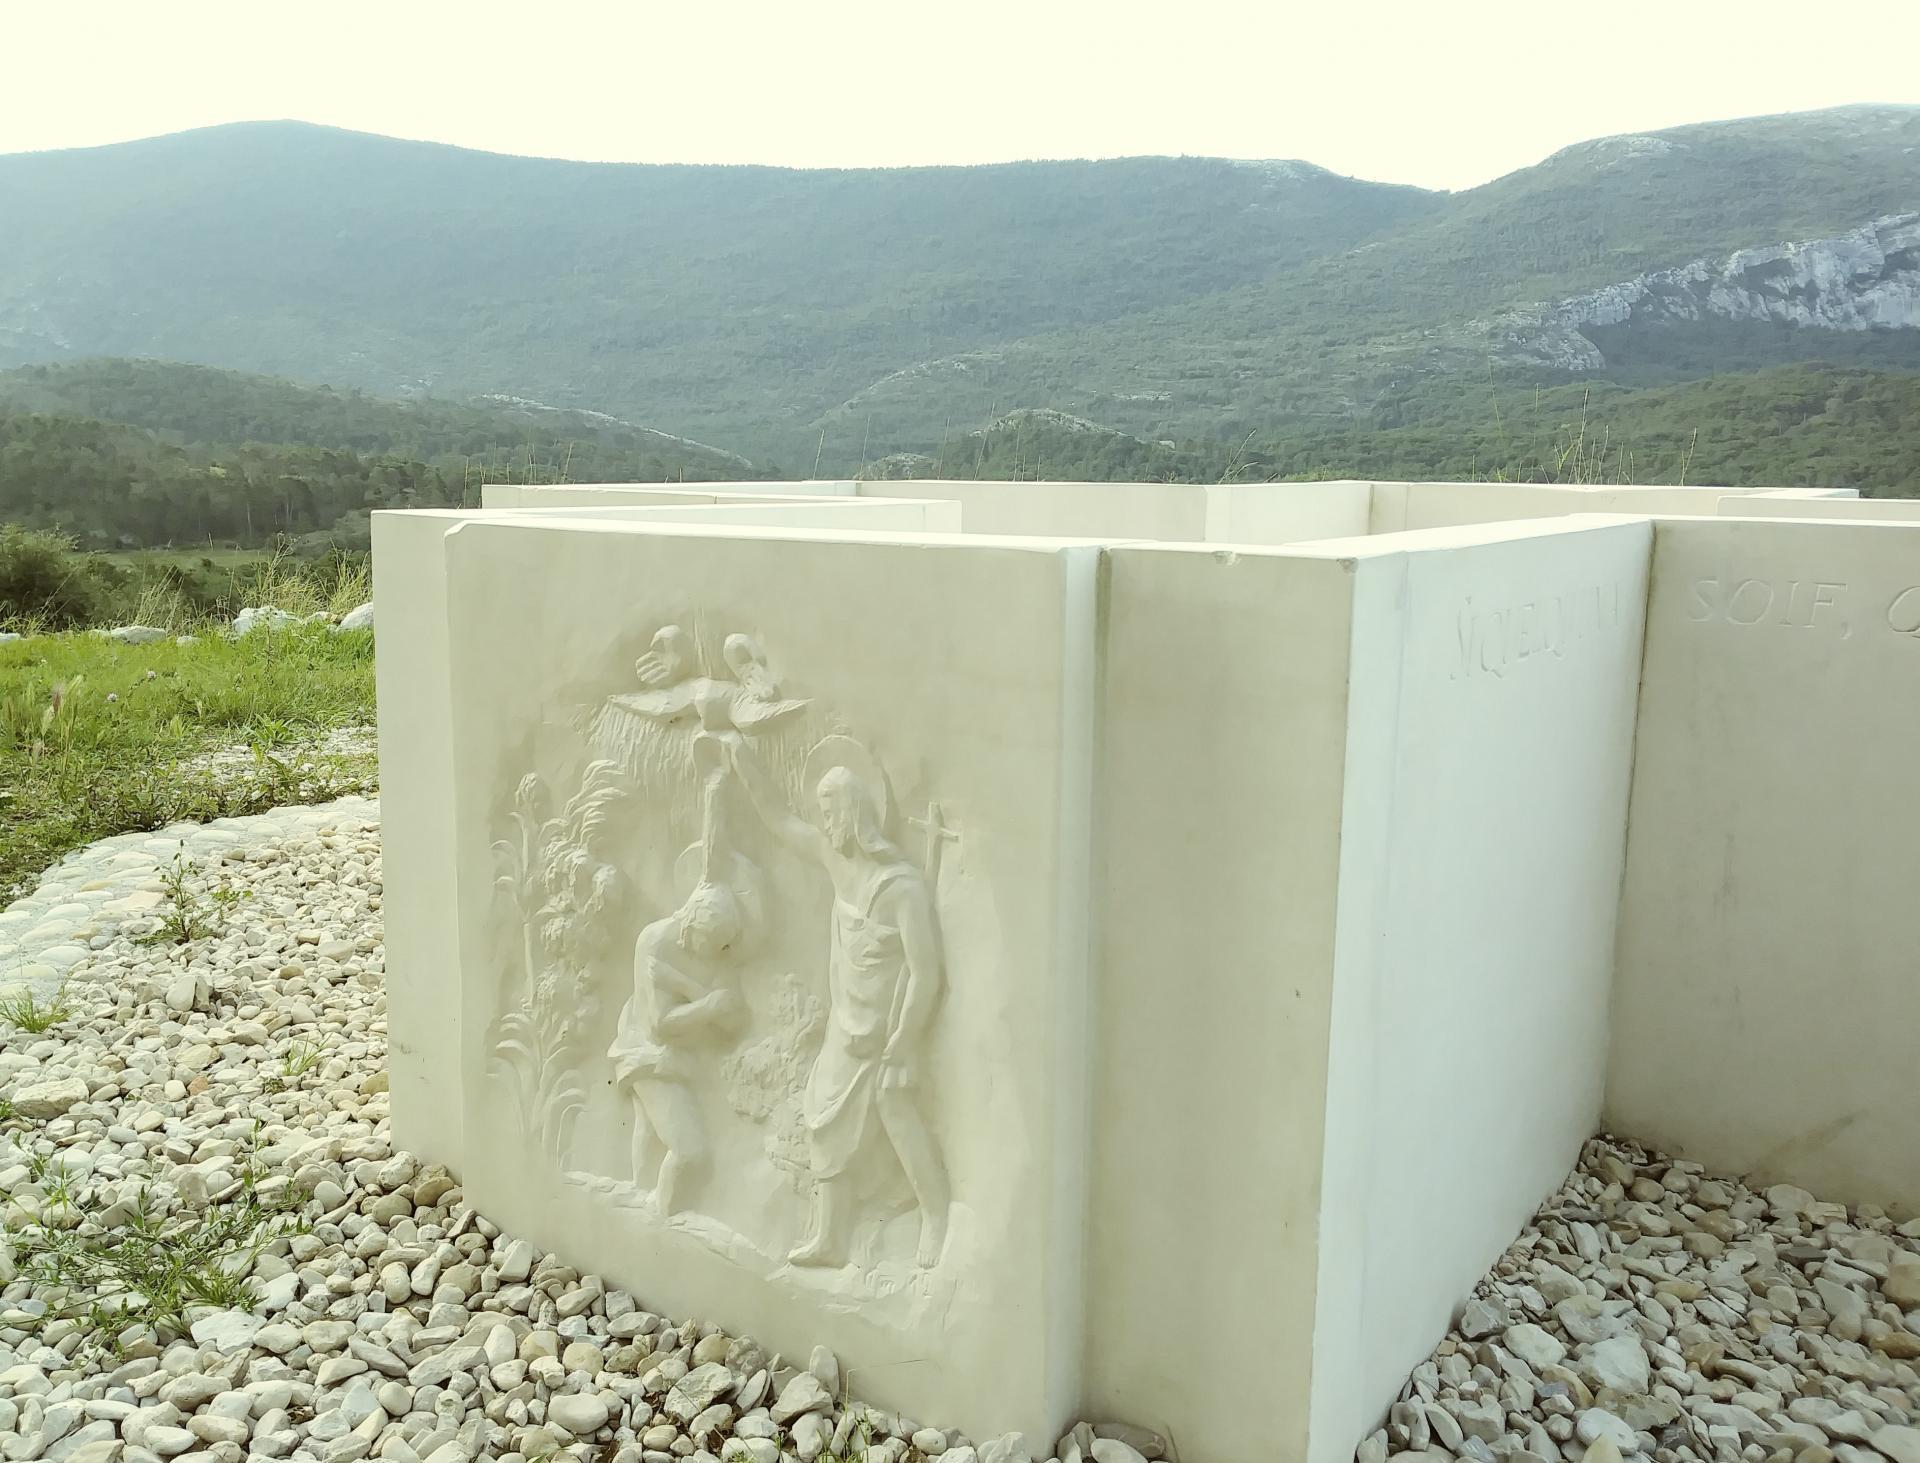 Baptistere pour adulte communaute eucharistein par jean joseph chevalier 3